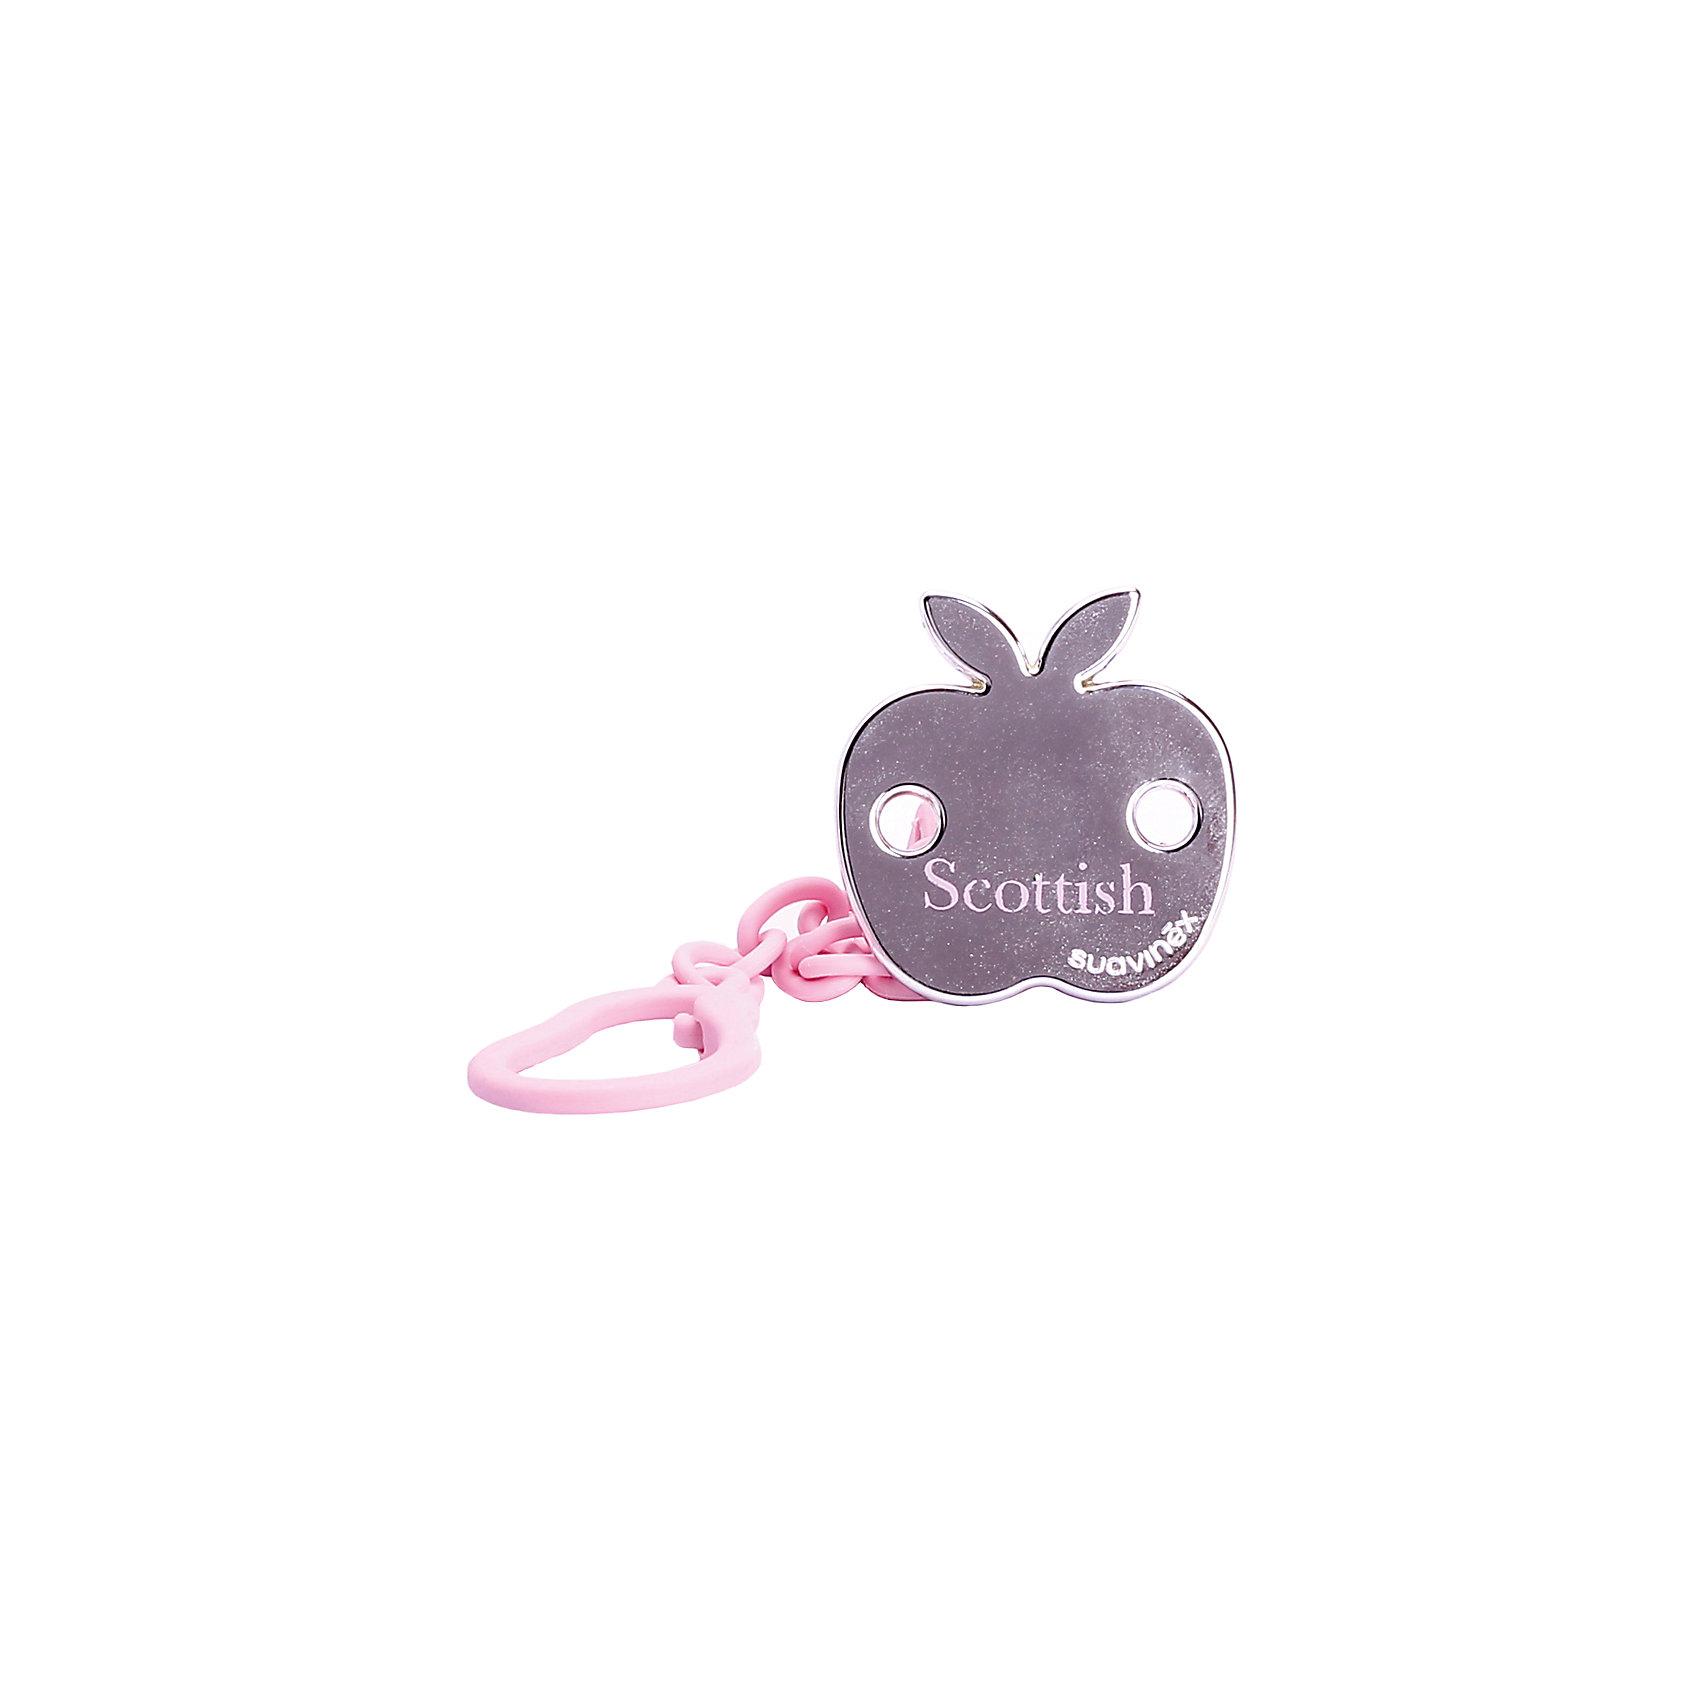 Держатель для пустышки SCOTTISH с зажимом, Suavinex, розовое яблоко